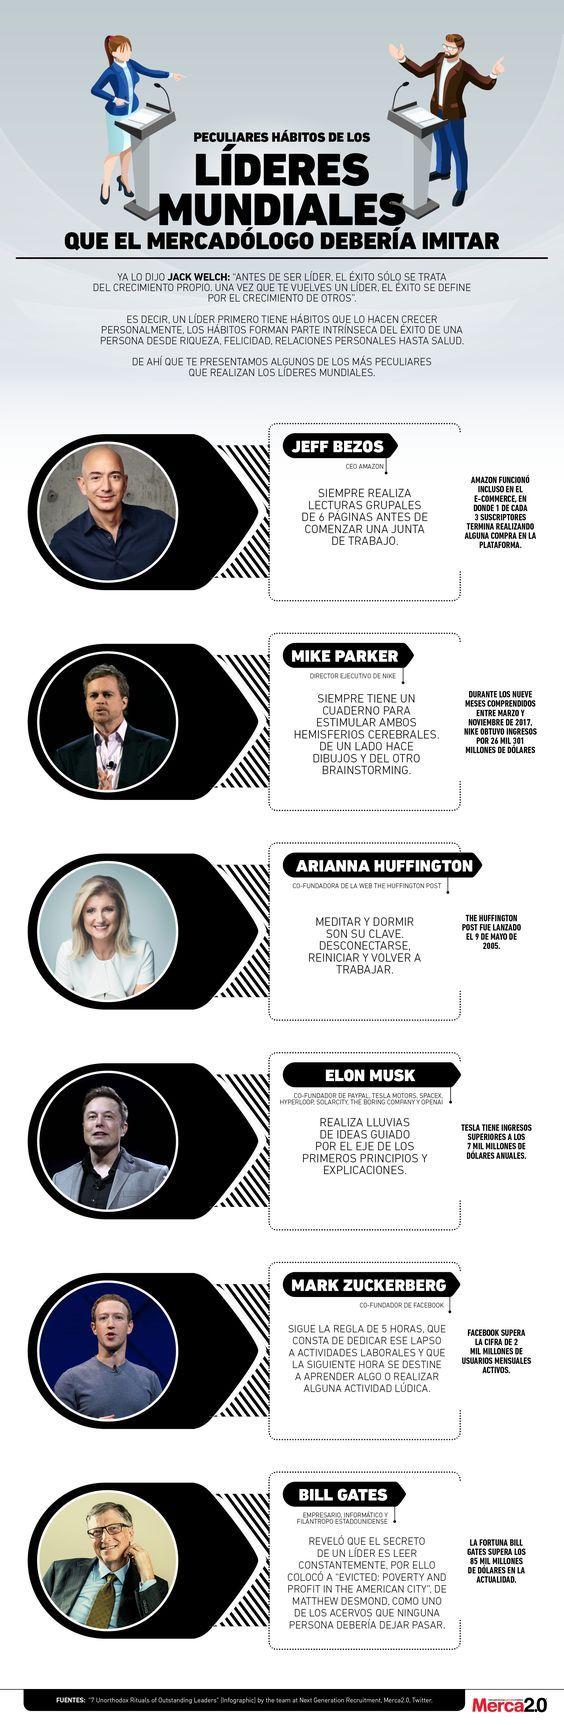 Hábitos de líderes mundiales de los que un marketiniano podría aprender #infografia #marketing